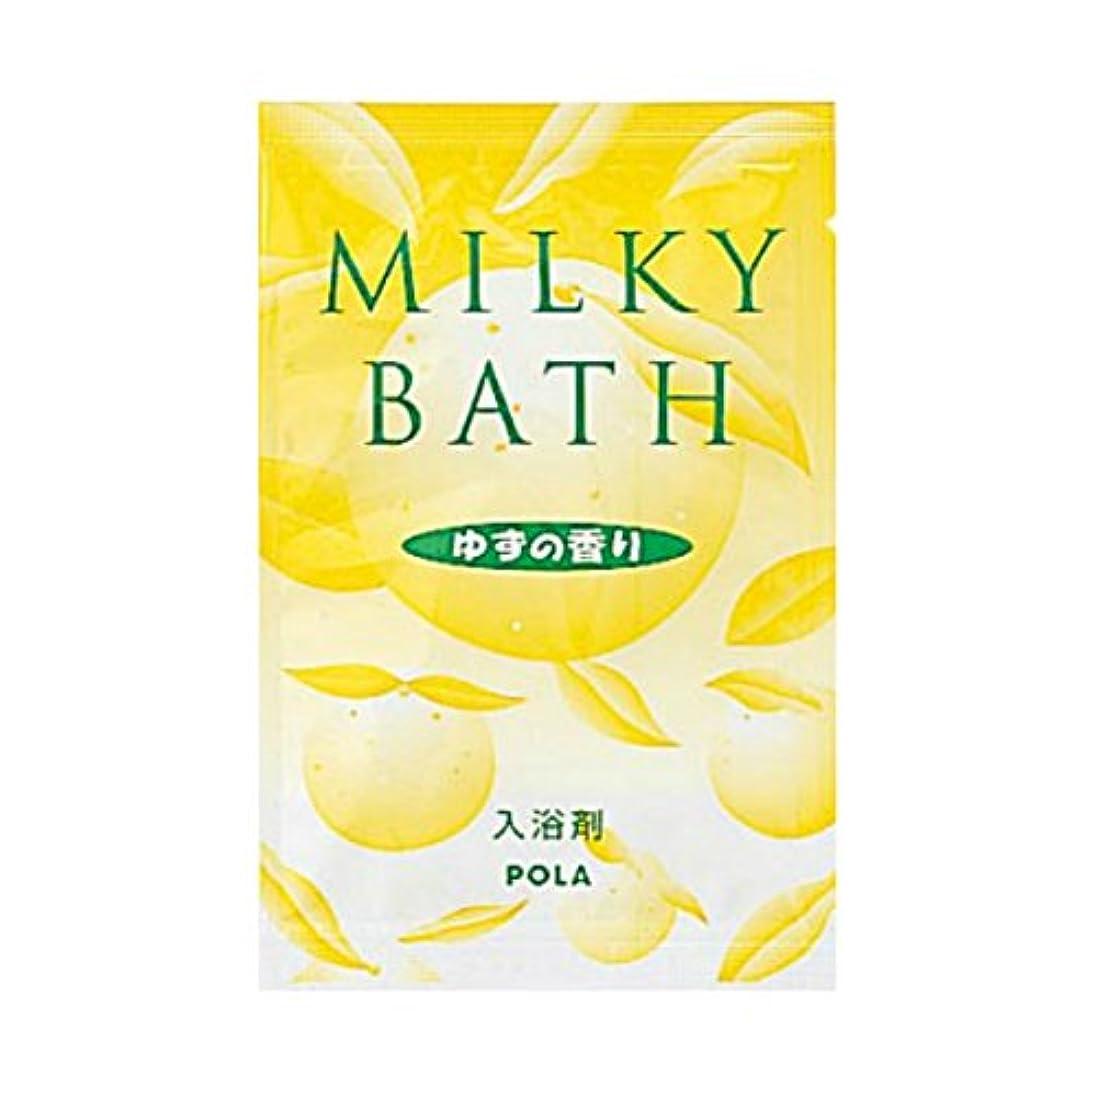 タクシーお風呂を持っている命題POLA ポーラ アイエス ミルキィバス ゆずの香り<浴用化粧品> 18mL×100包